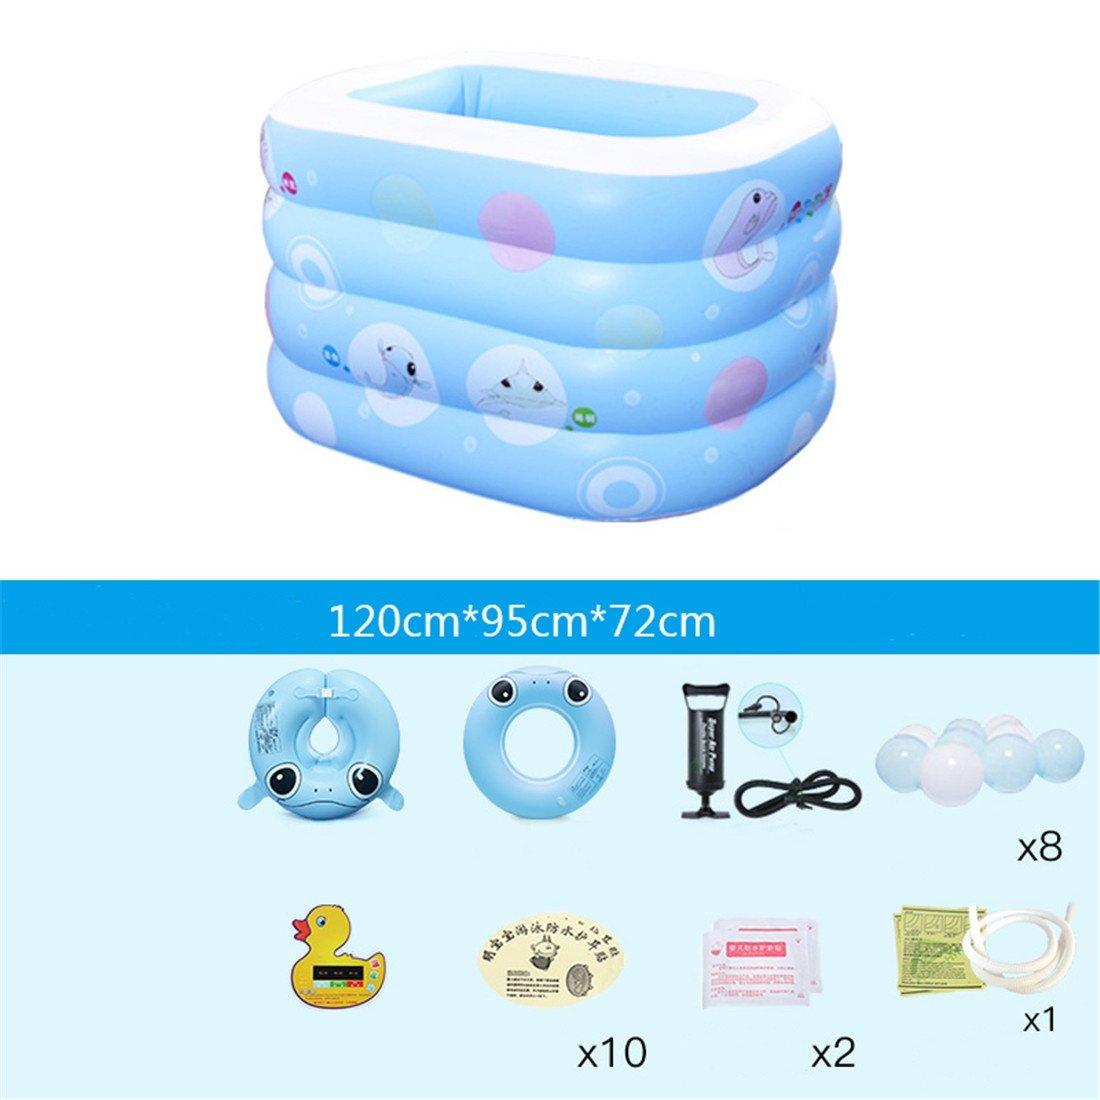 Bing BINGEngrosado ecológico PVC Niños de la Familia de Natación Plegable Plaza Inflable bebé Piscina 120  95  72 cm para 1 Persona Inflable Bomba de Mano